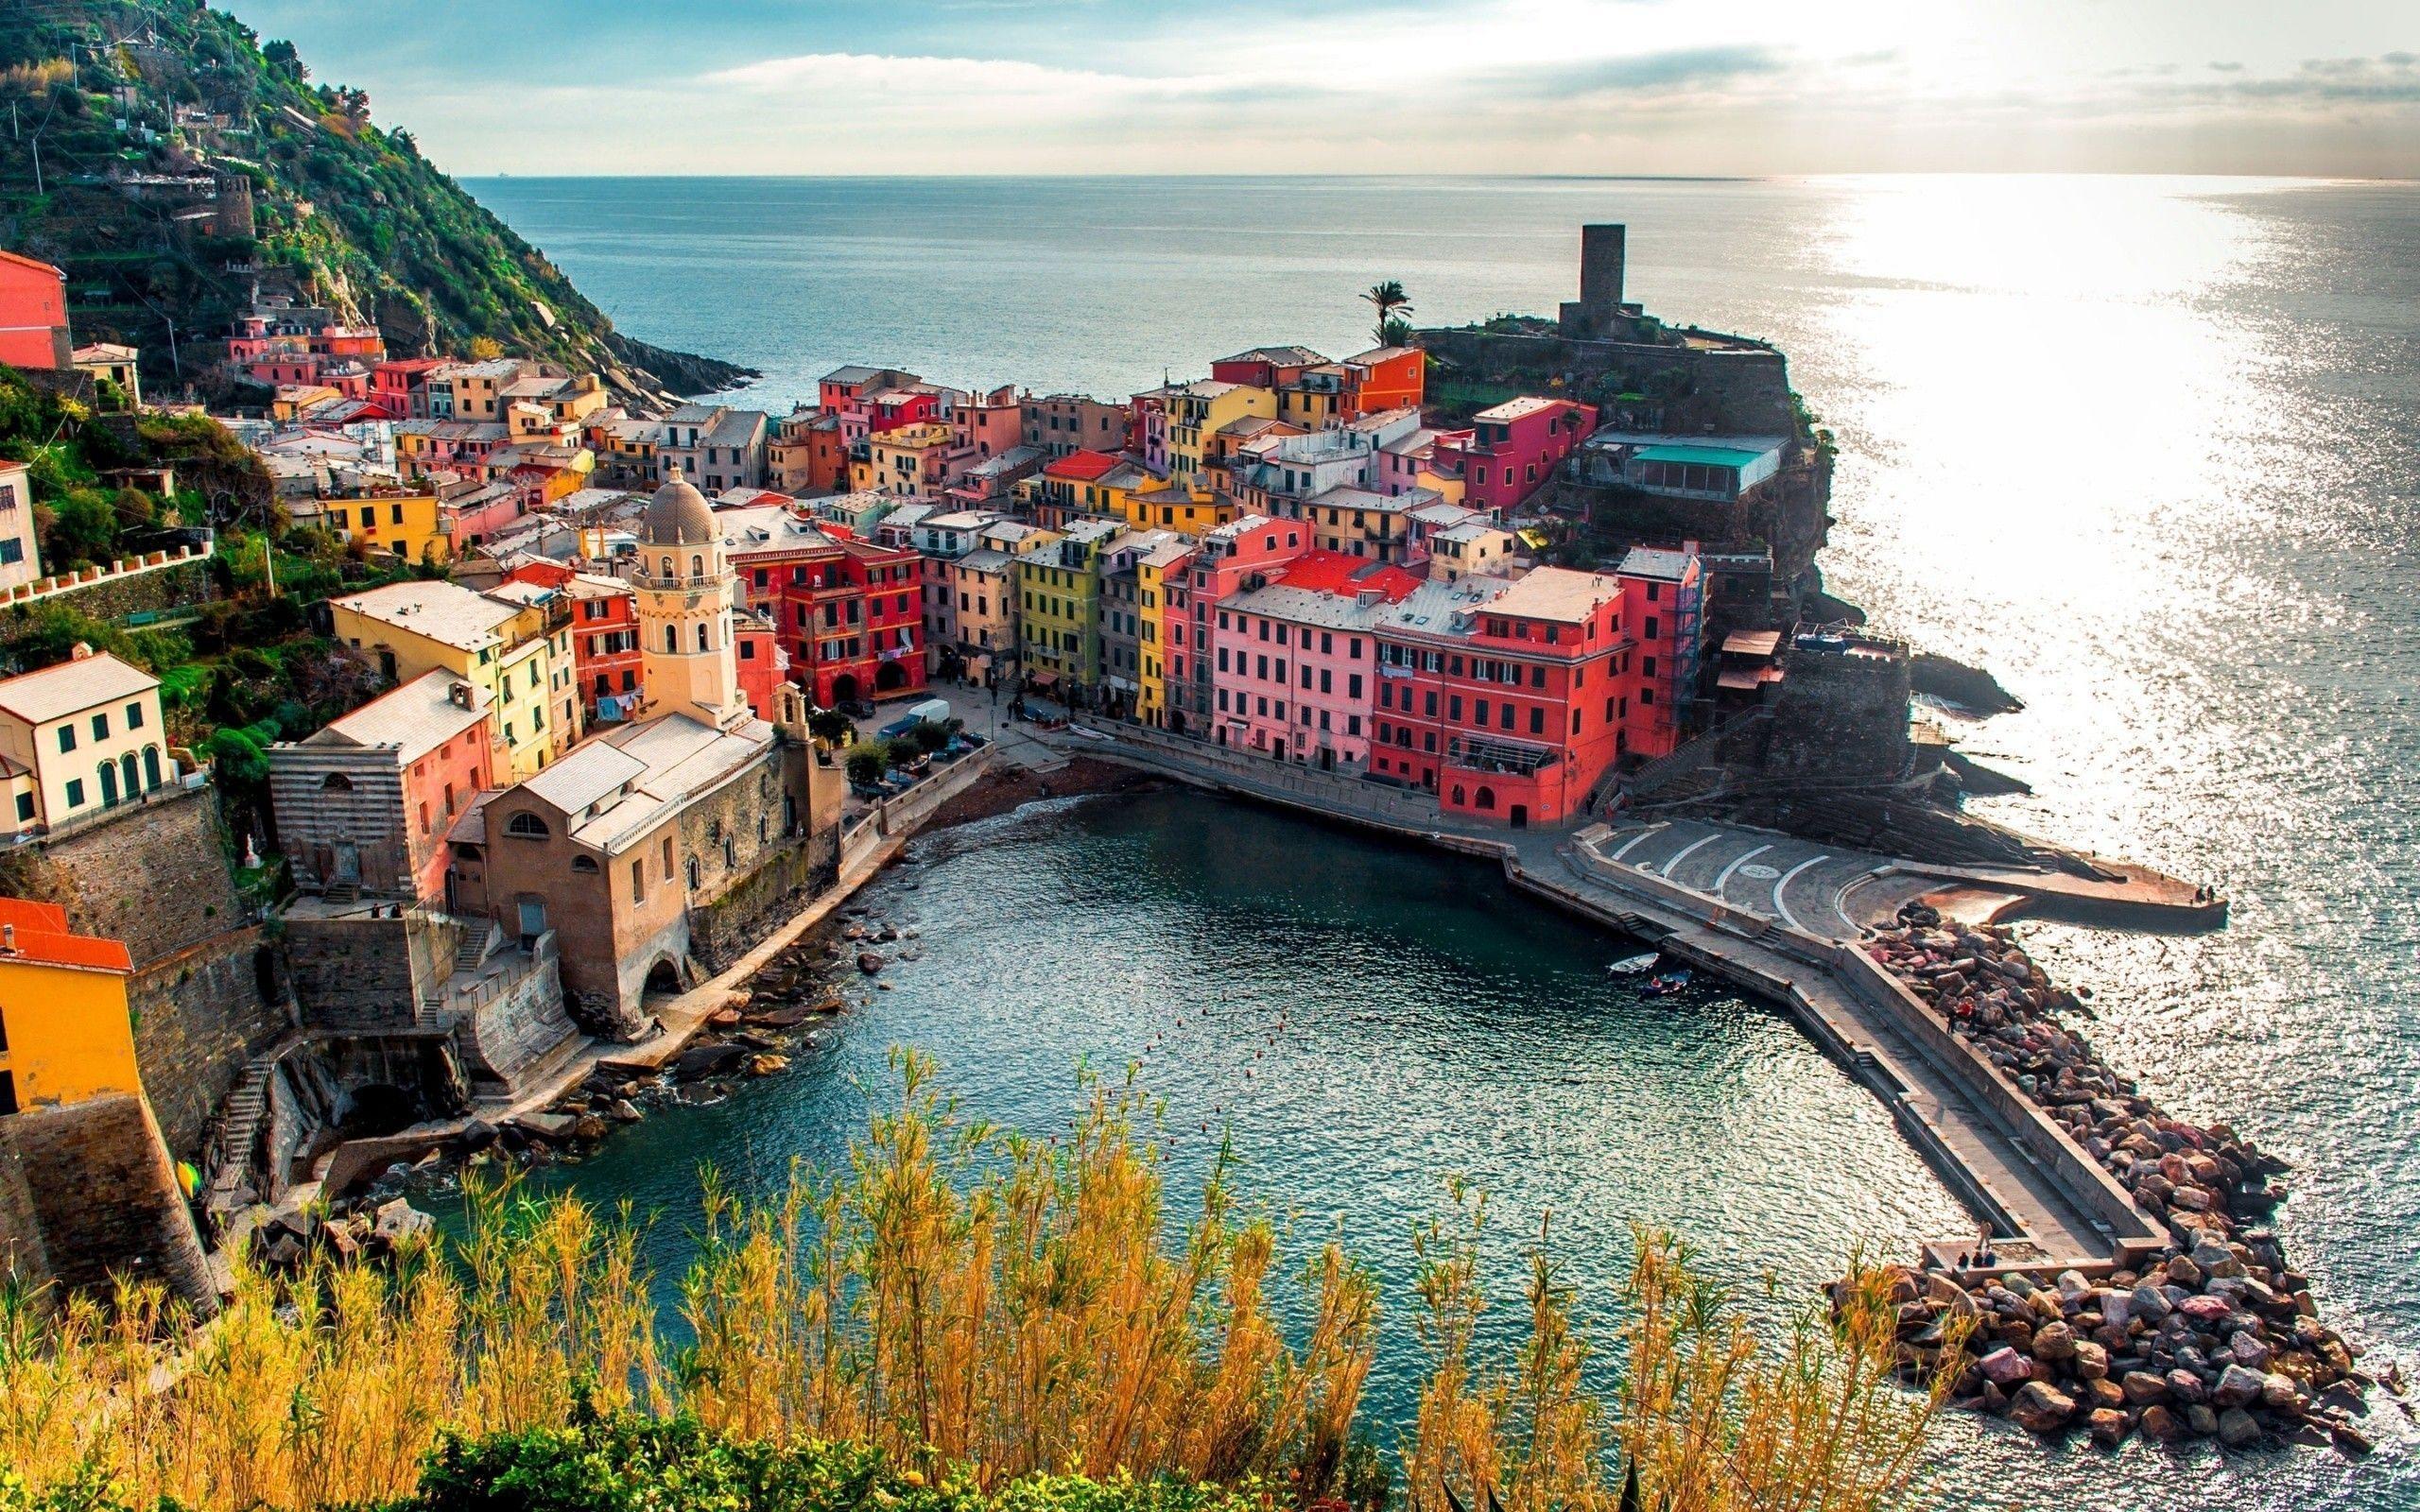 Travel Desktop Wallpapers - Top Free Travel Desktop ...